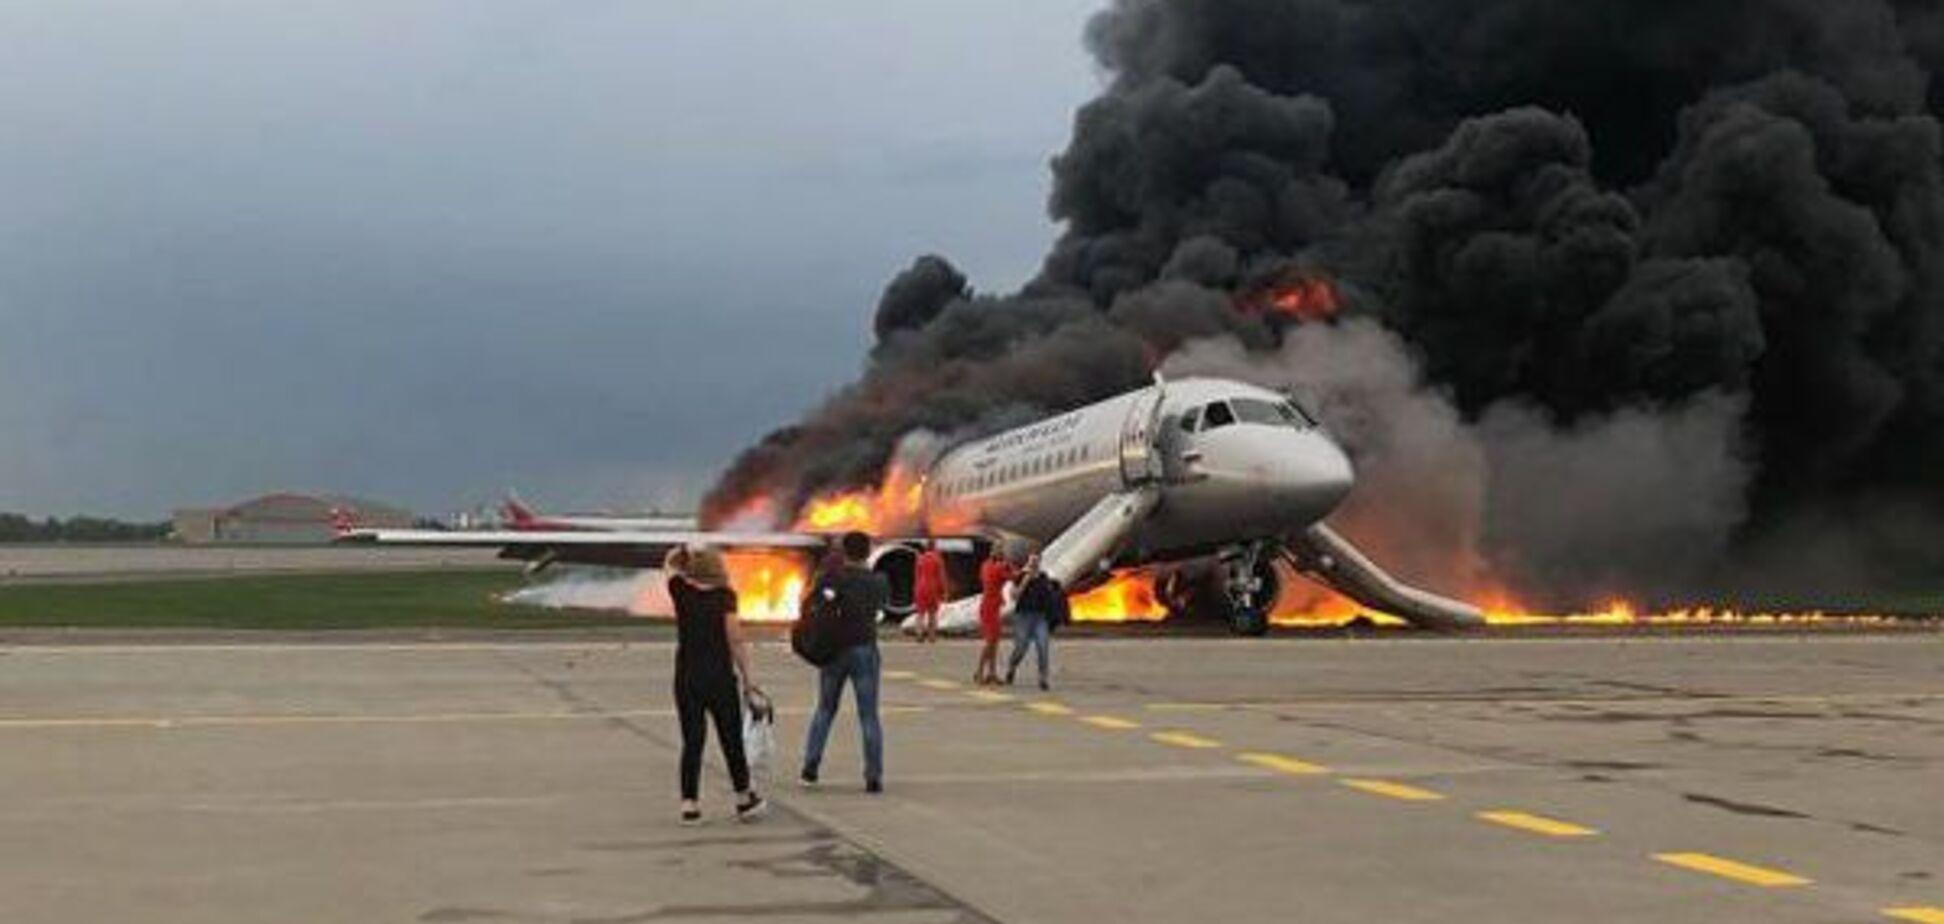 'Слишком торопились': эксперт озвучил ошибку экипажа Superjet в 'Шереметьево'